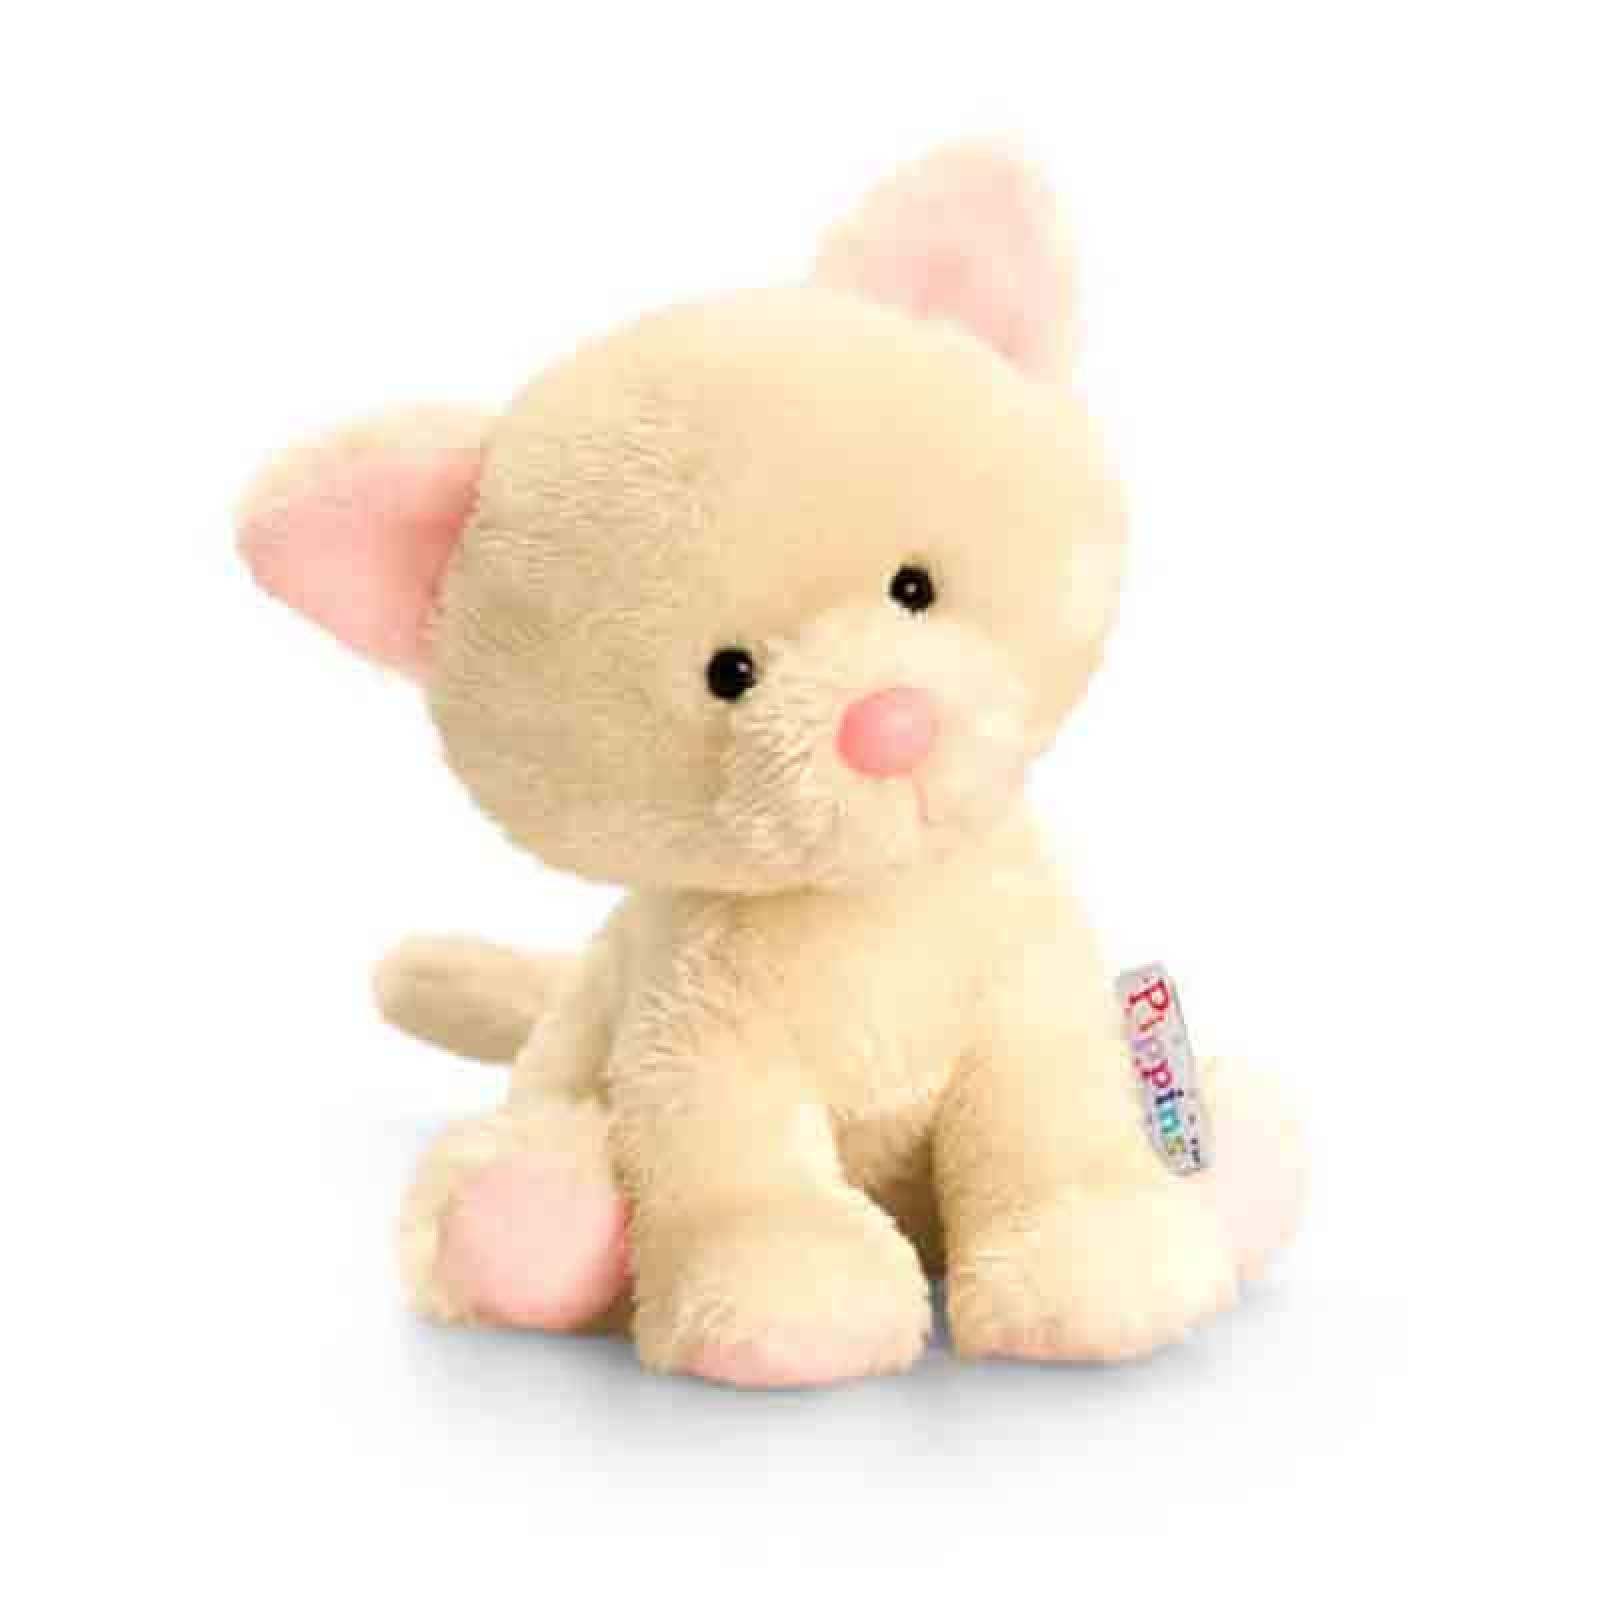 Pippins Cat Soft Toy 14cm 0yr+